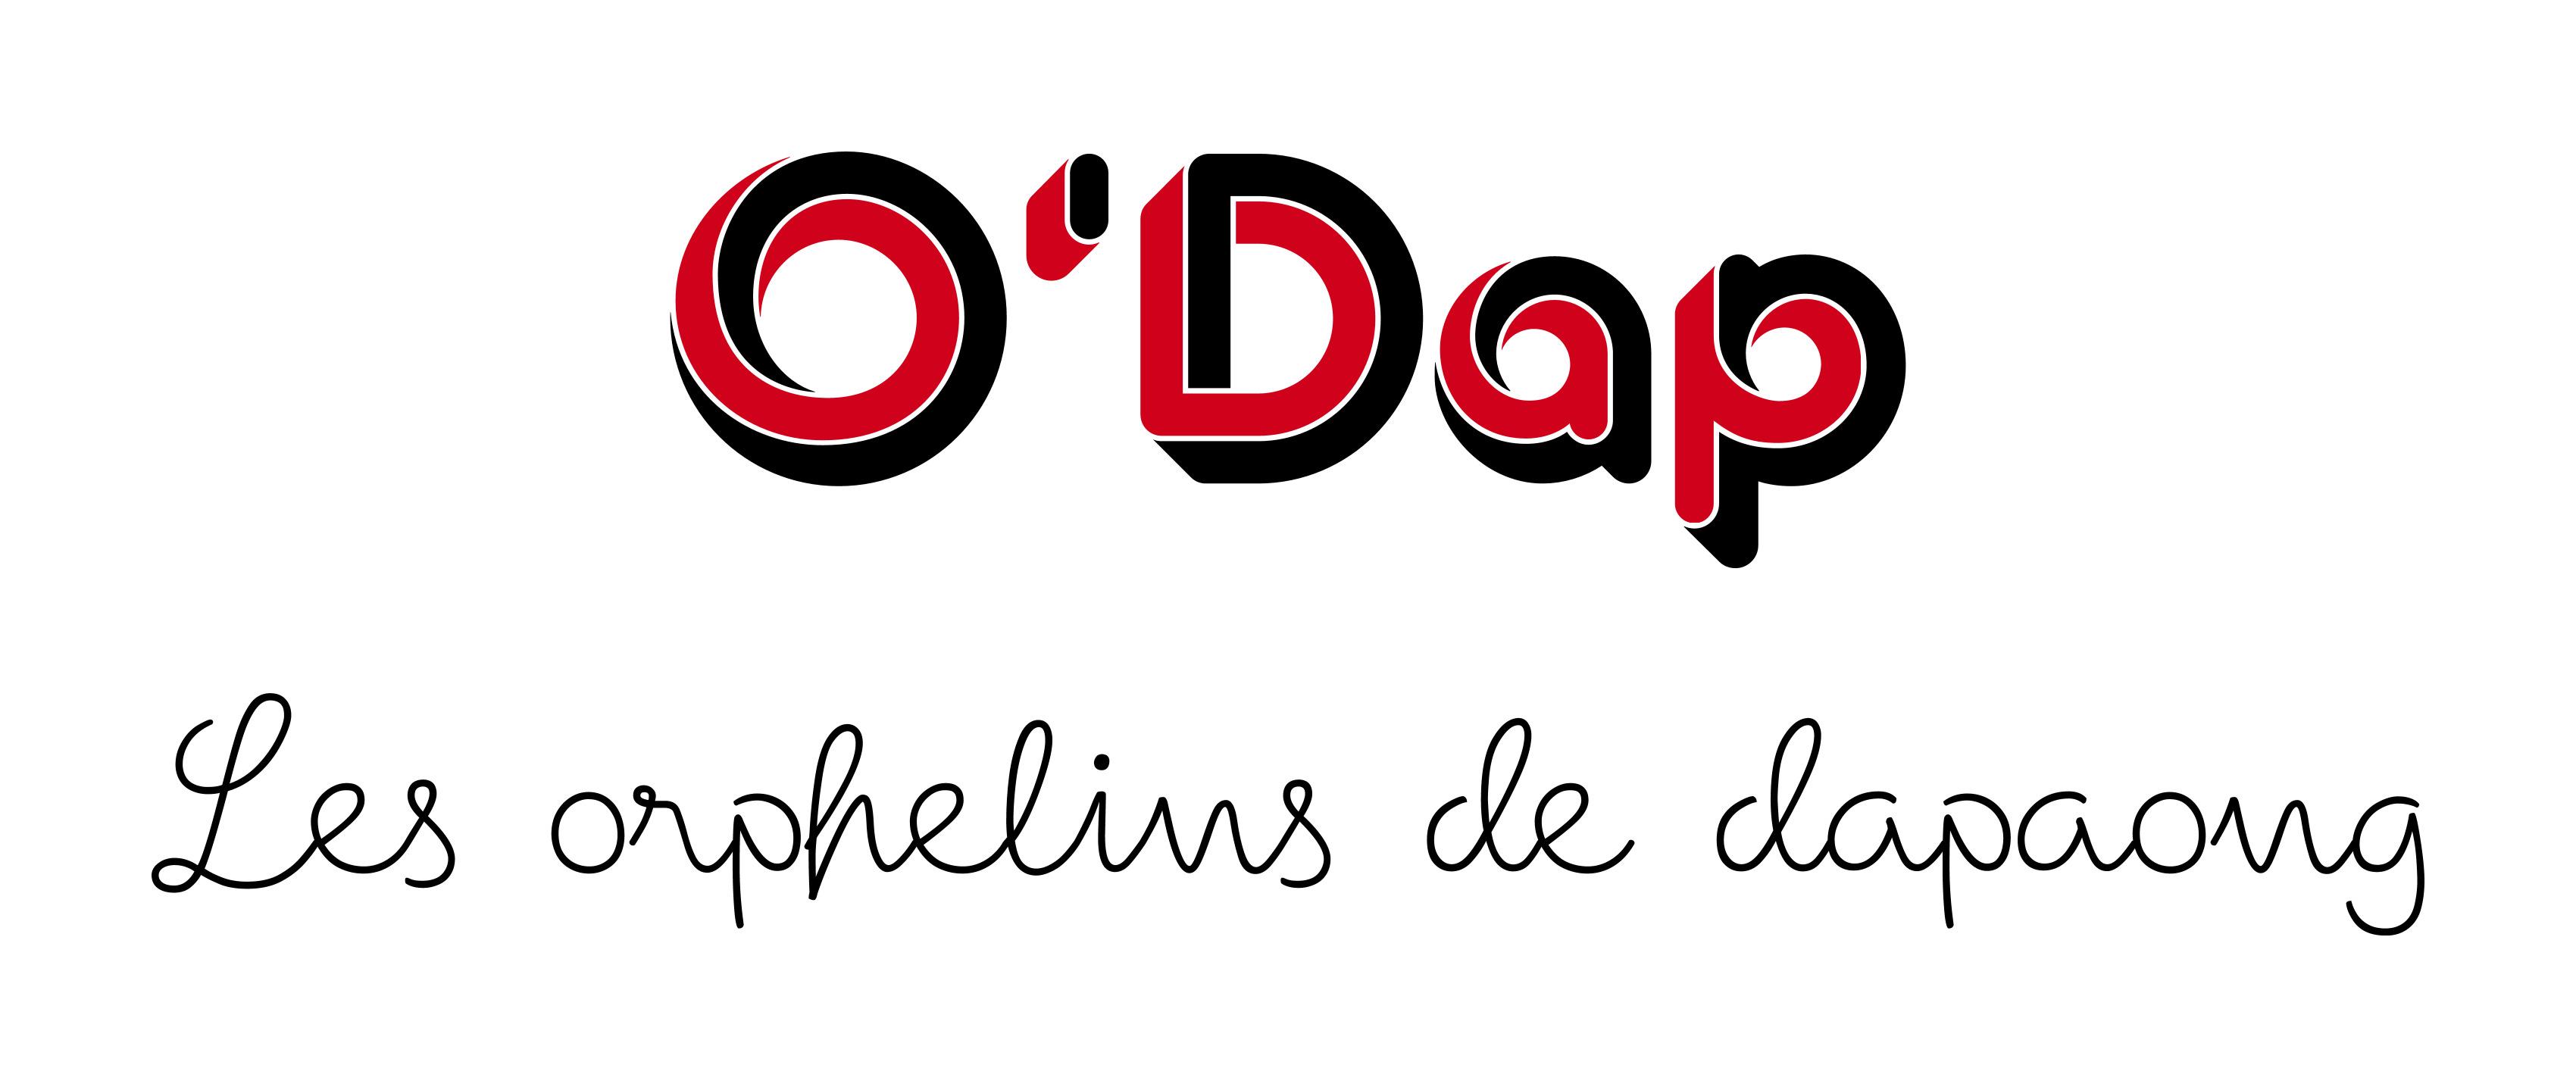 O'Dap